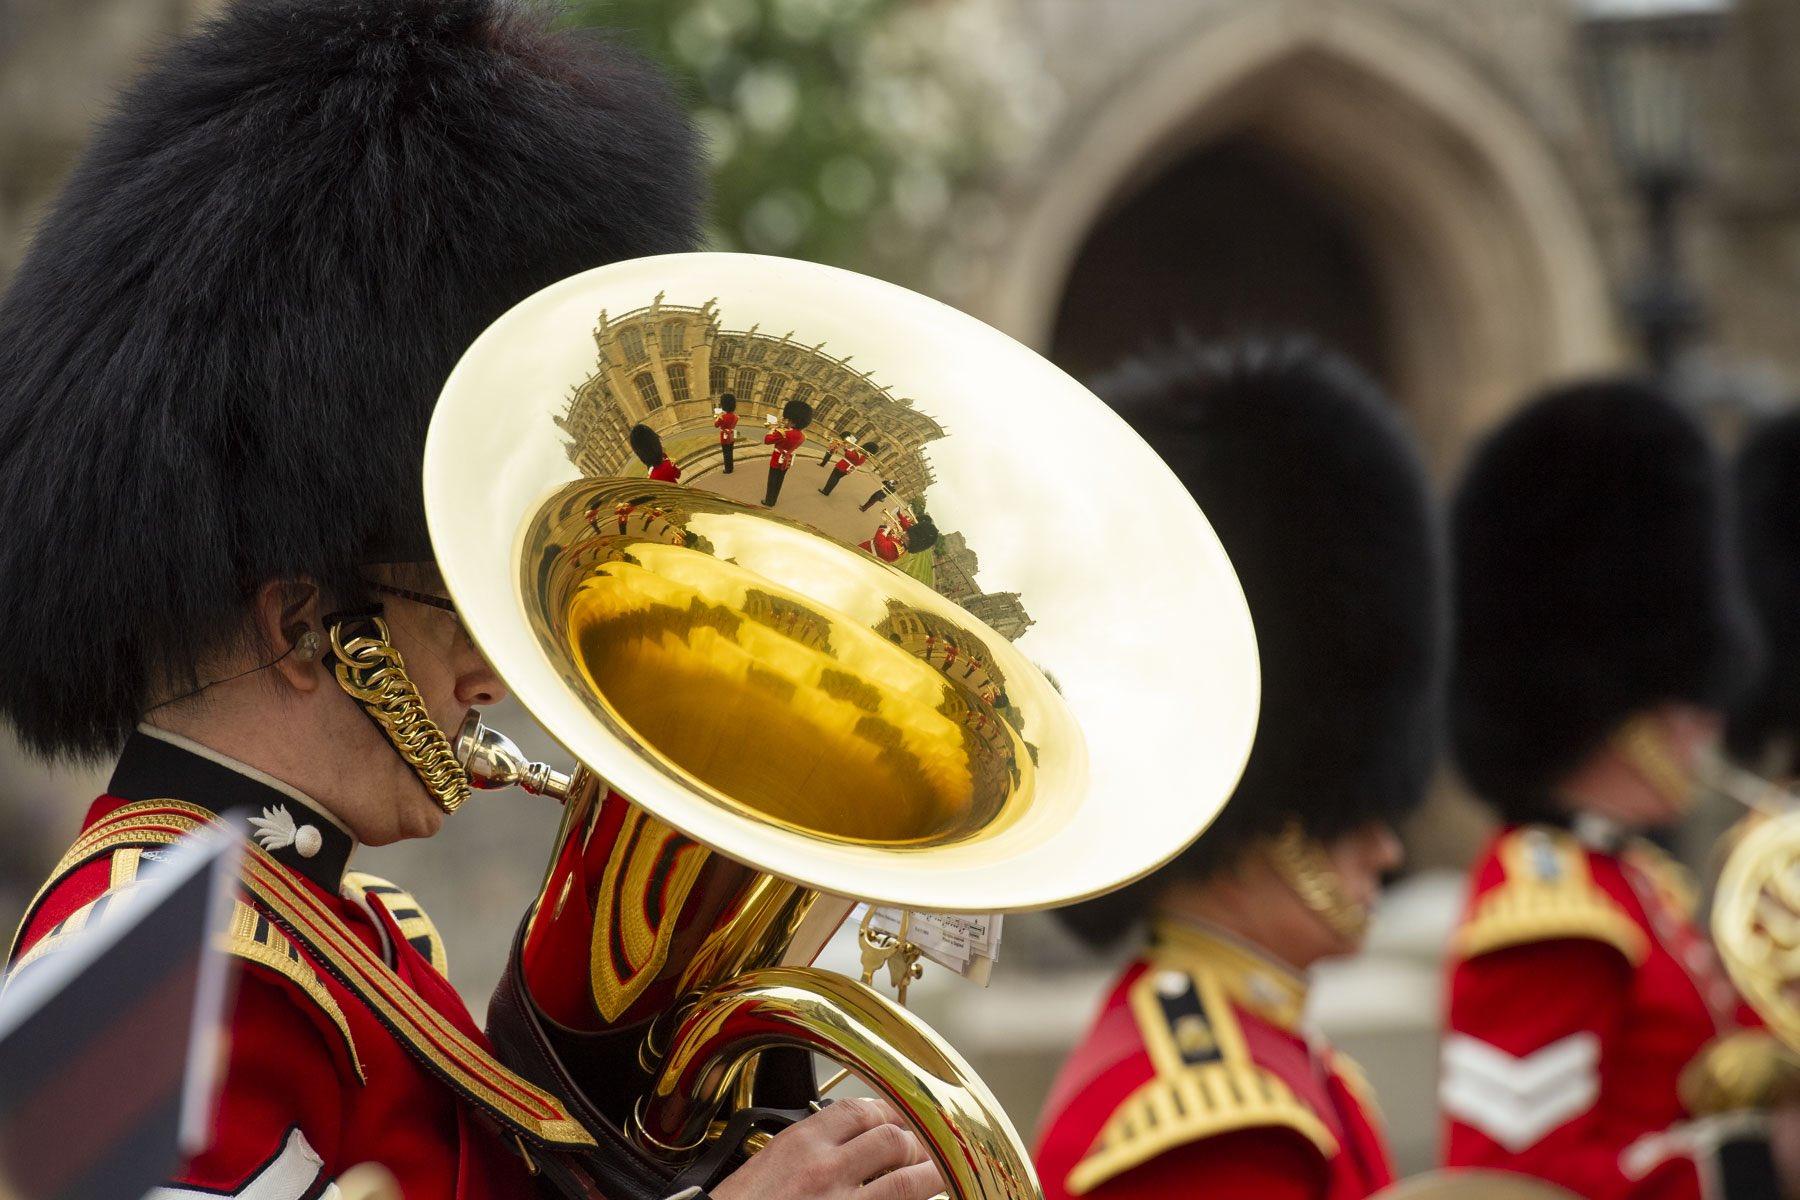 Без семьи и подданных: в Лондоне состоялся скромный королевский парад.Вокруг Света. Украина